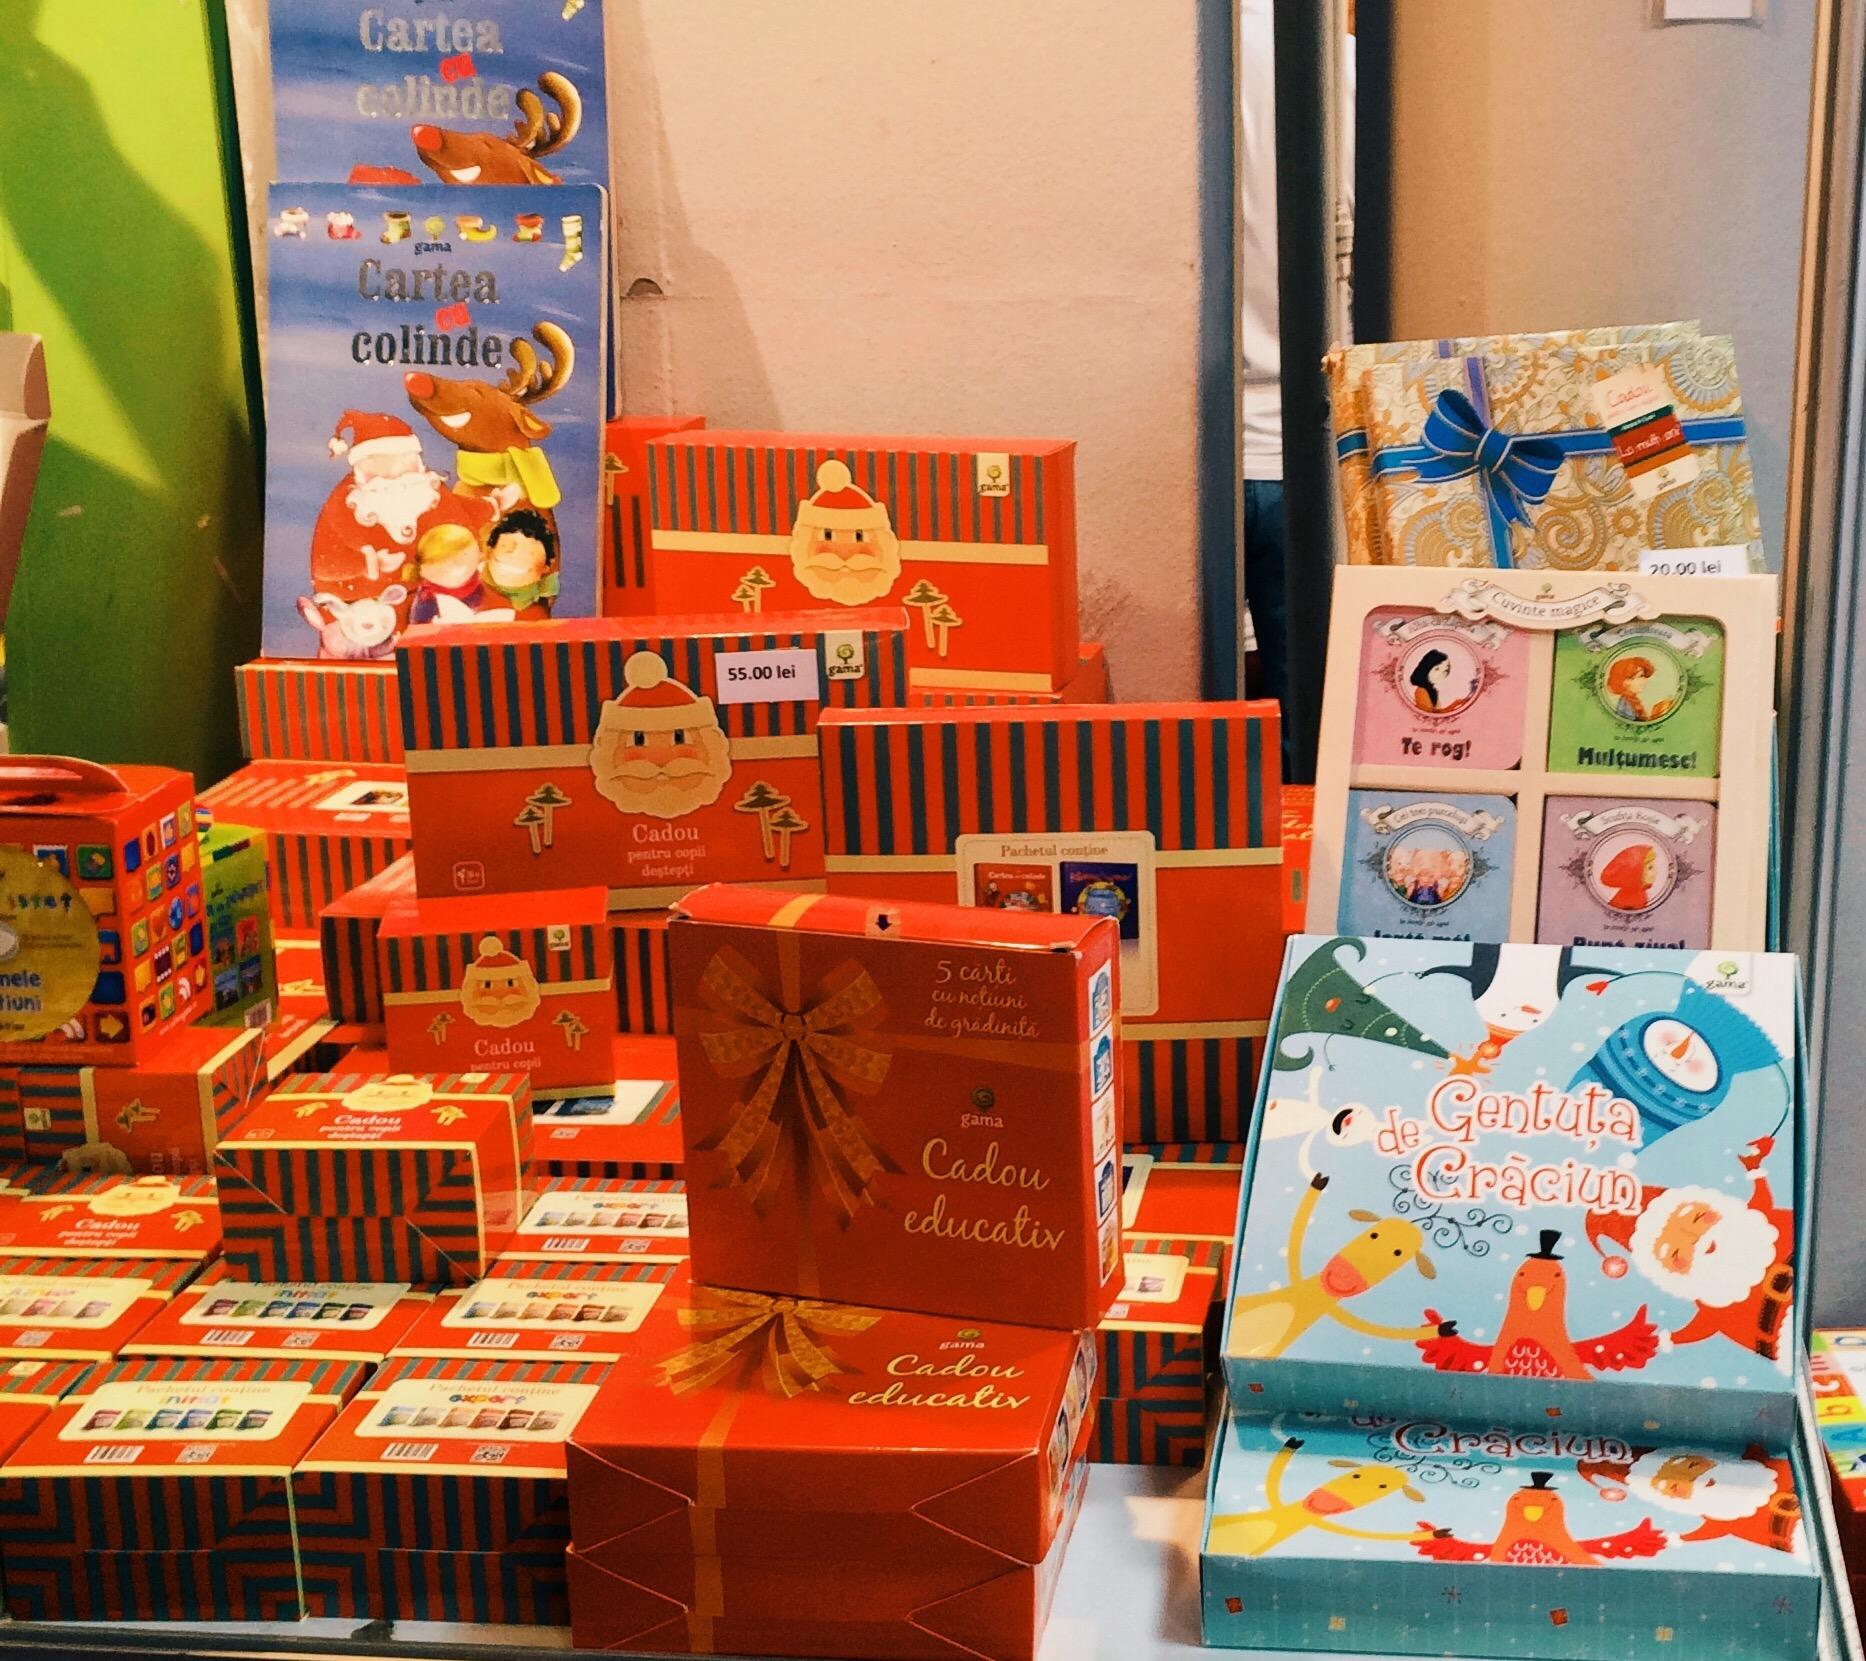 Carti si materiale pentru cei mici, de la targul Gaudeamus